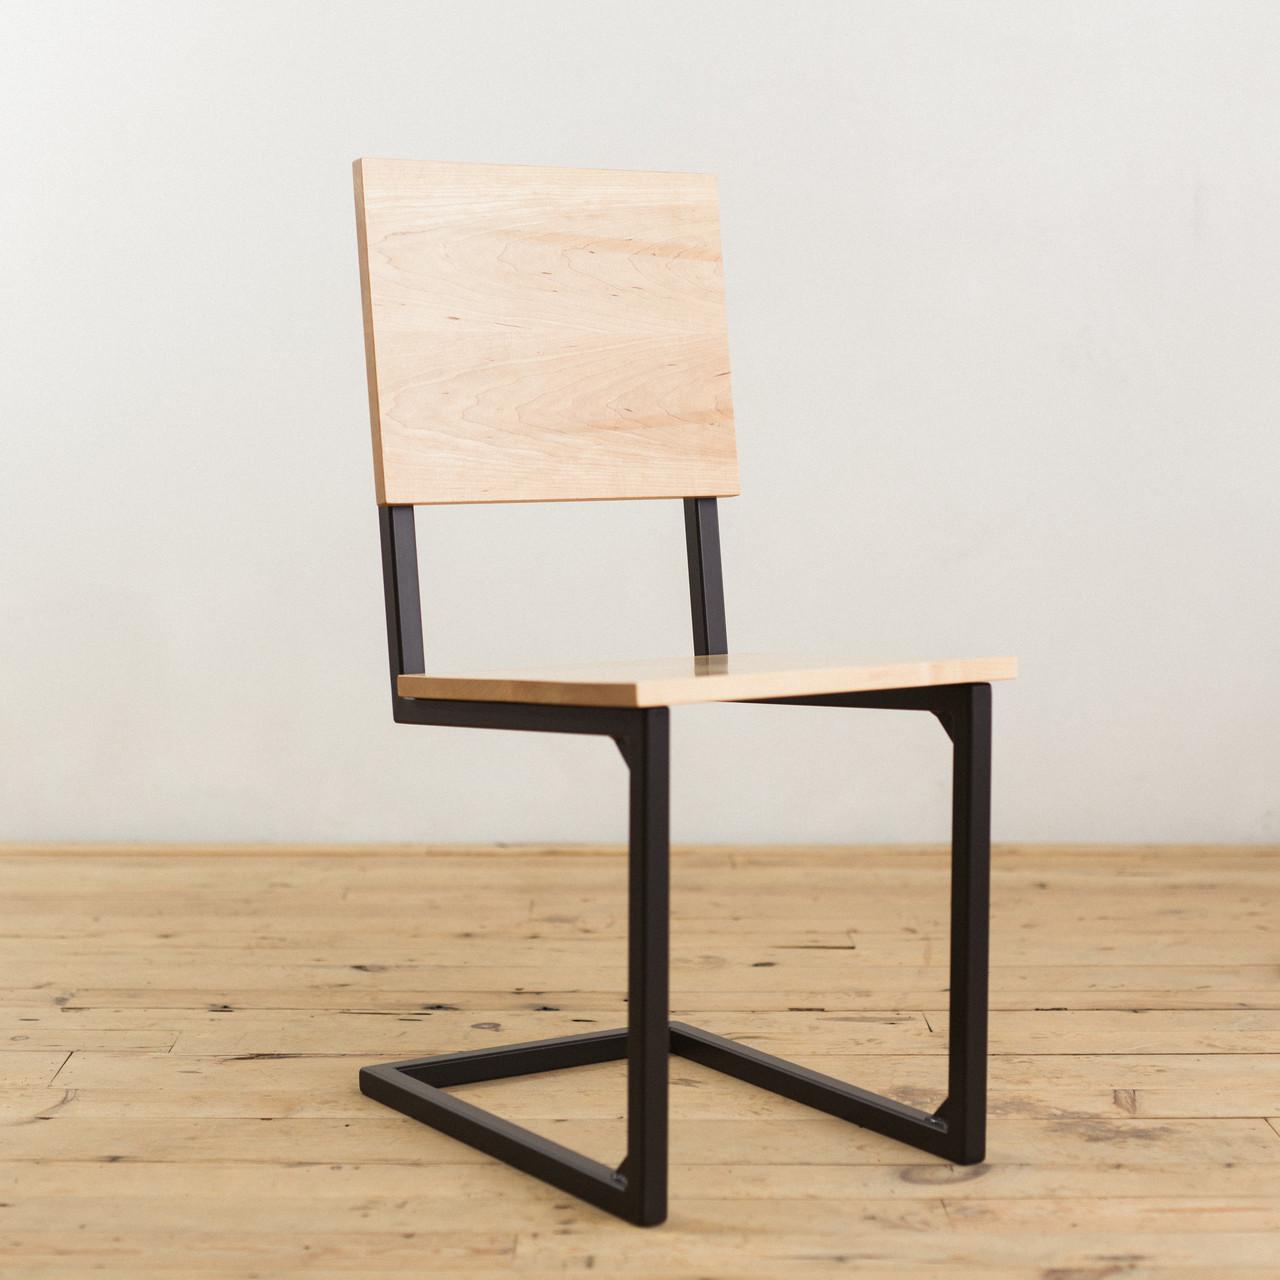 Дерев'яний стілець для бару від виробника